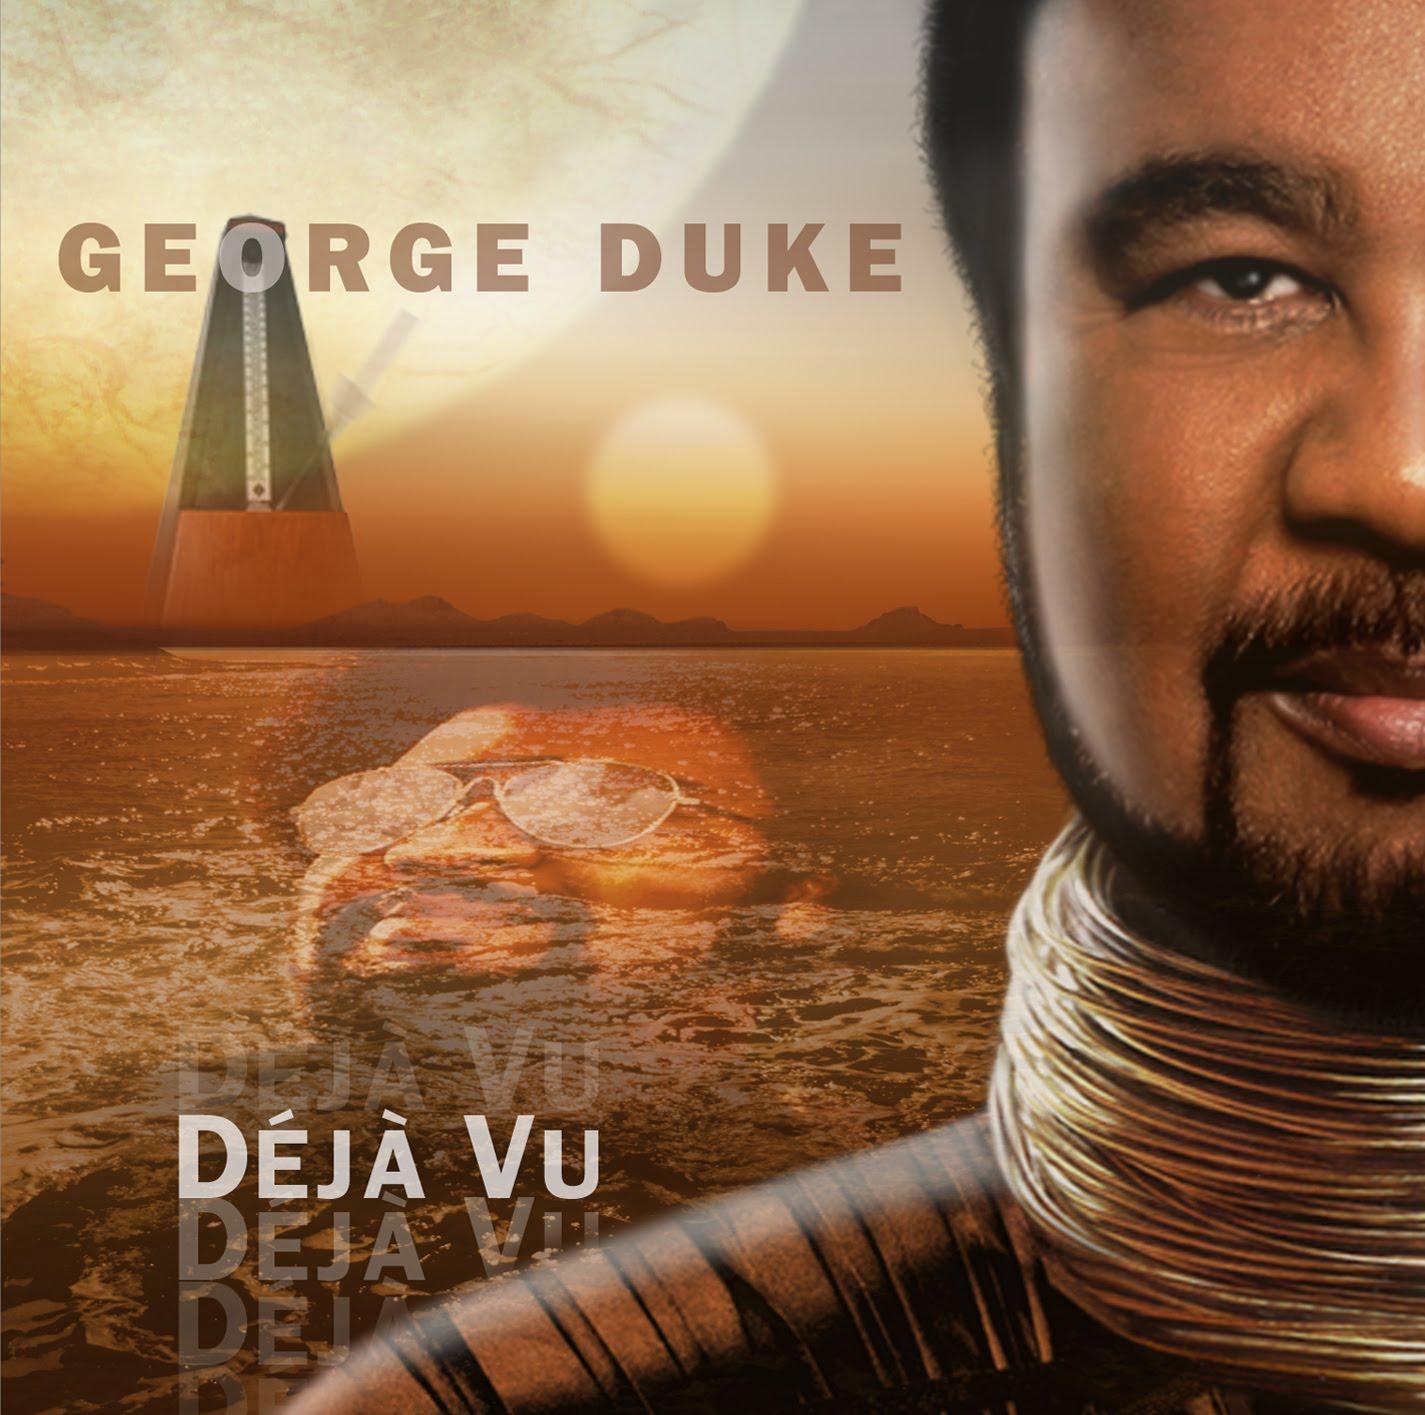 2010 George Duke – Deja Vu